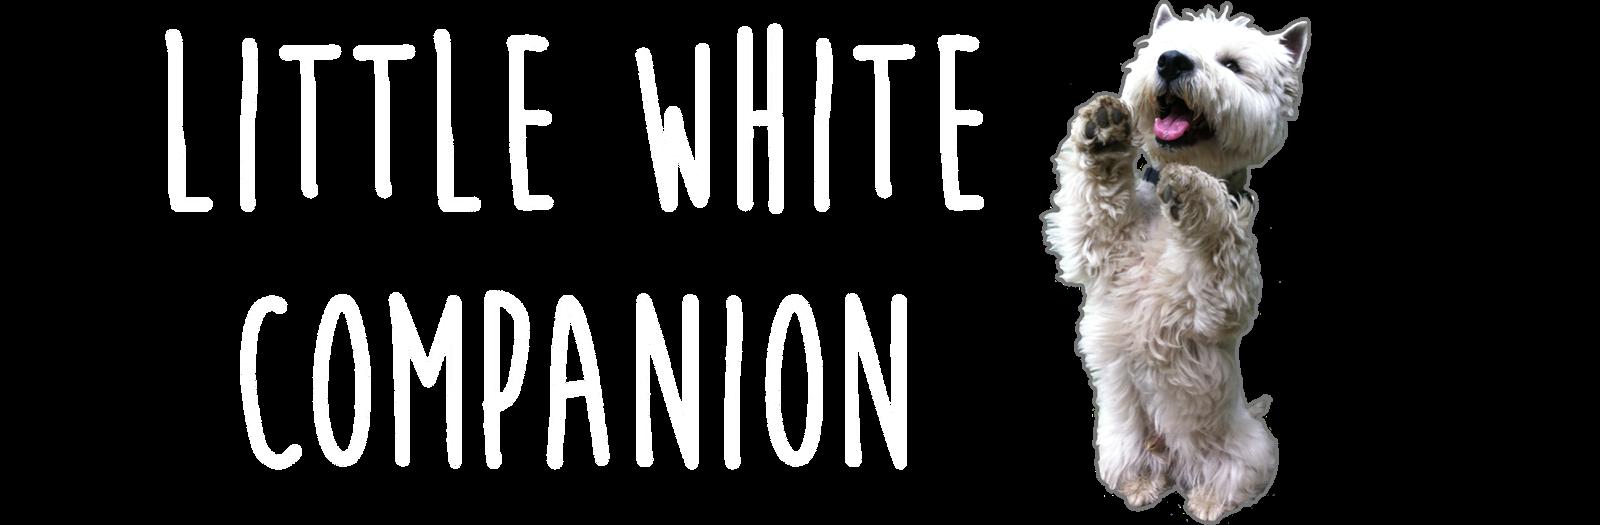 Little White Companion